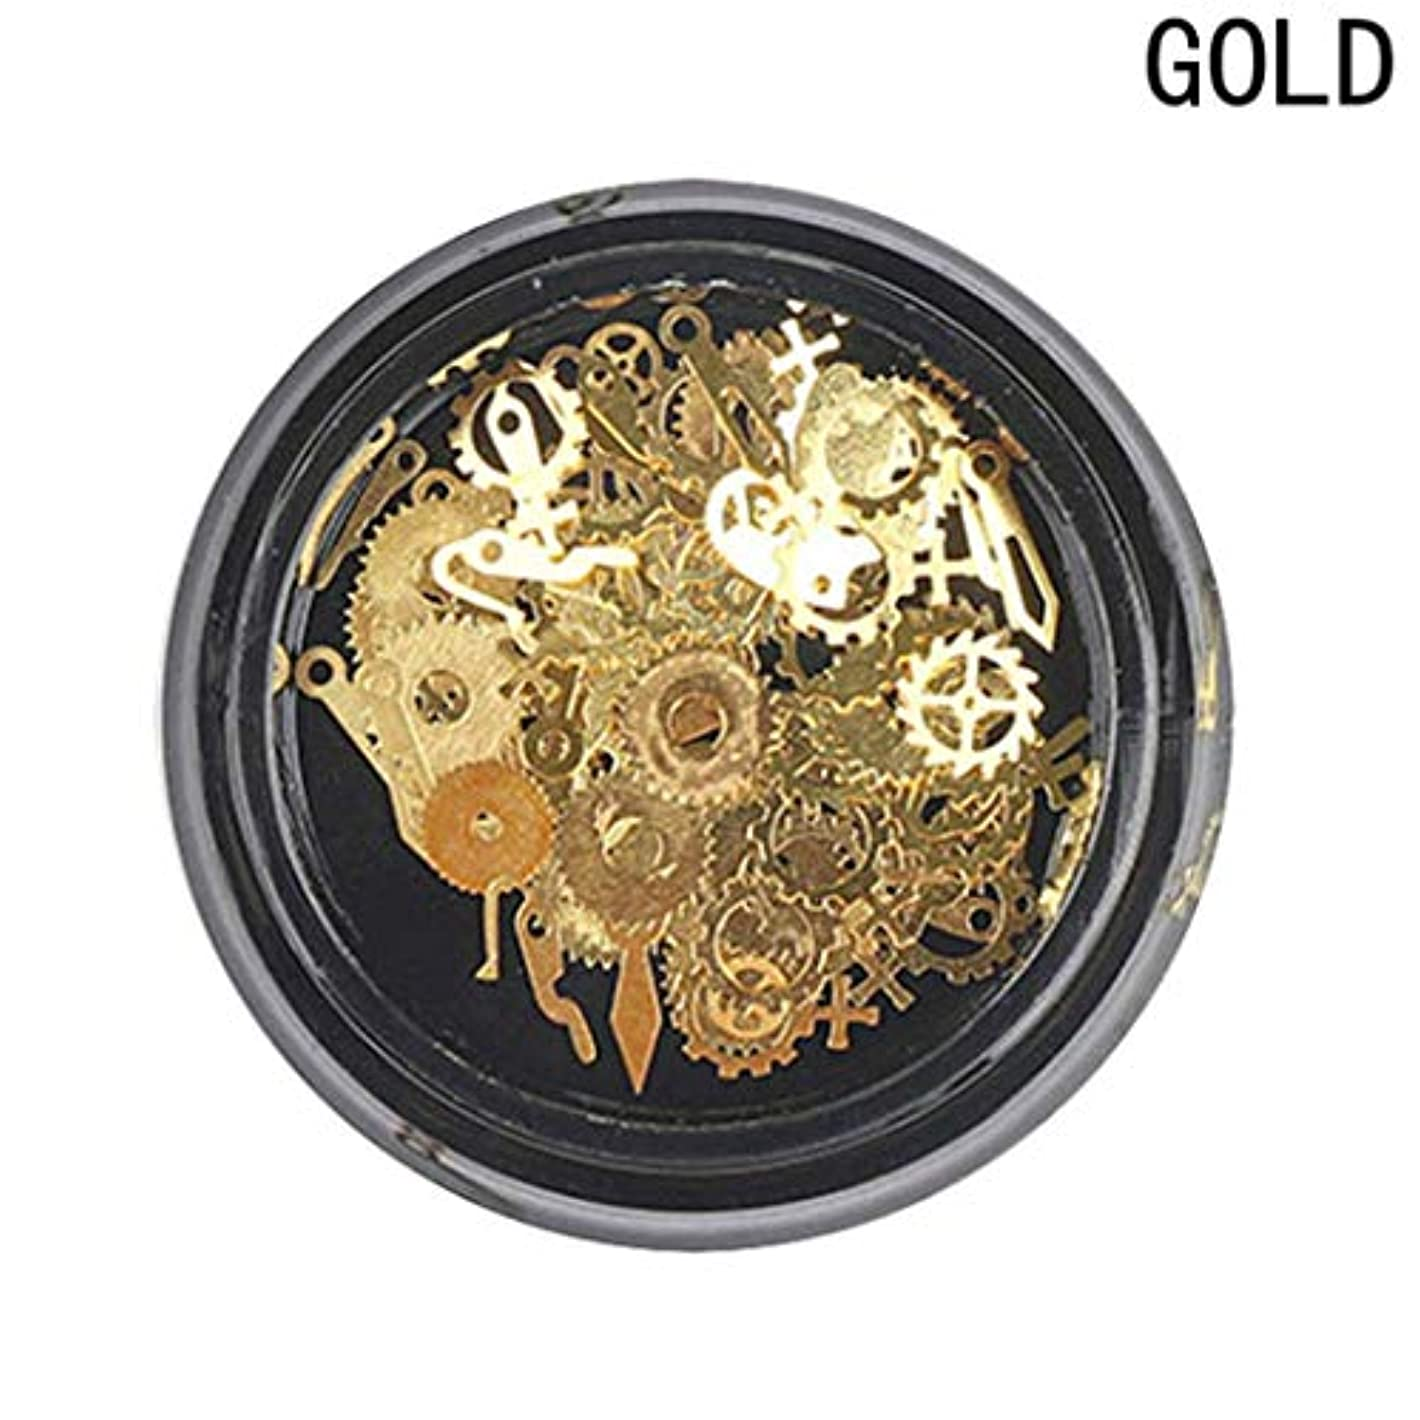 尾母性忘れられないWadachikis ベストセラーファッションユニークな合金蒸気パンクギアネイルアート装飾金属スタイルの創造的な女性の爪DIYアクセサリー1ボックス(None golden)